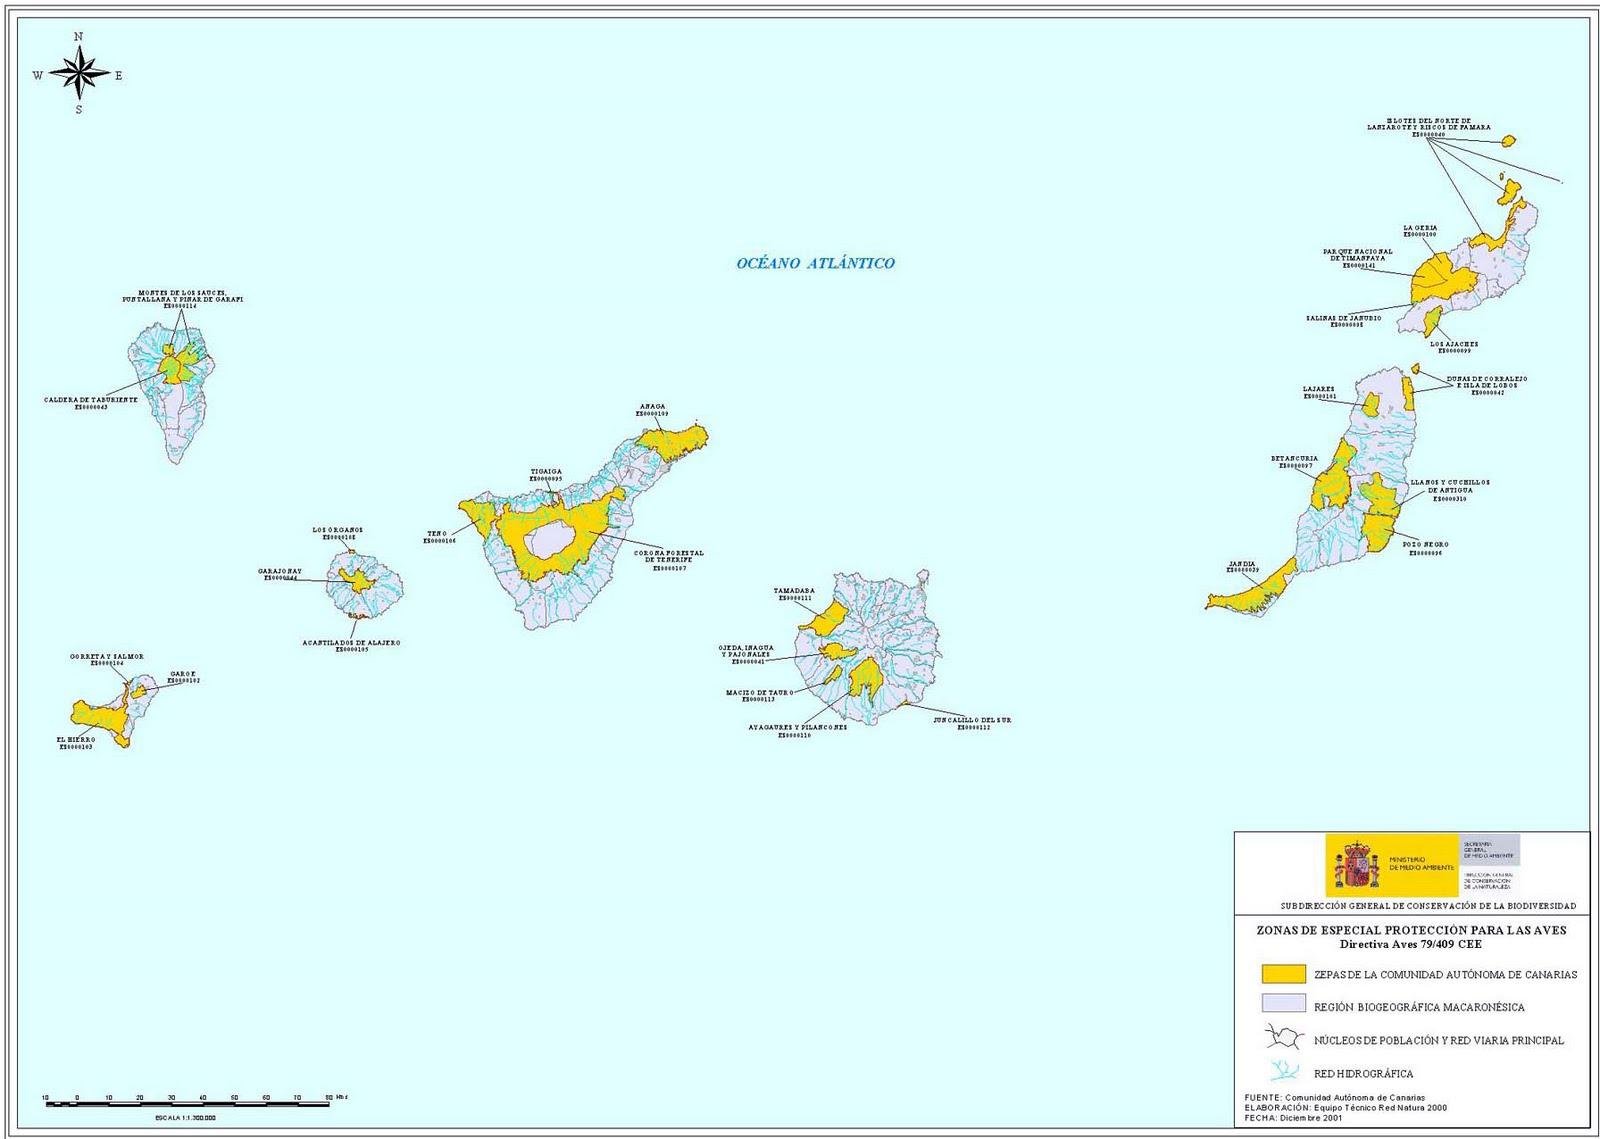 Zonas de Especial Protección para las Aves en las Islas Canarias